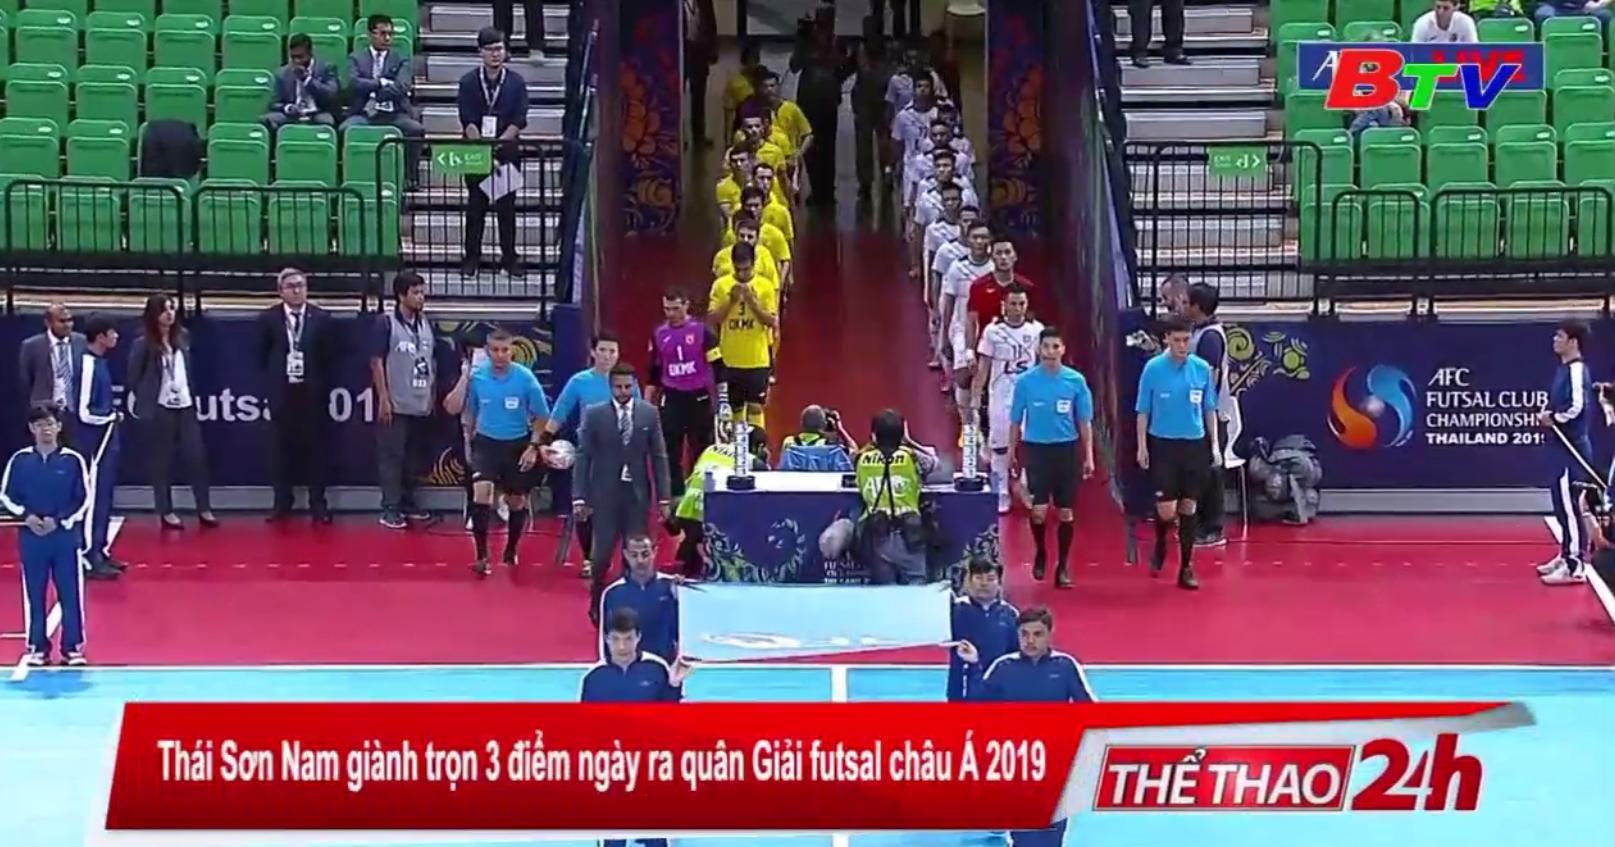 Thái Sơn Nam giành trọn 3 điểm ngày ra quân Giải futsal châu Á 2019